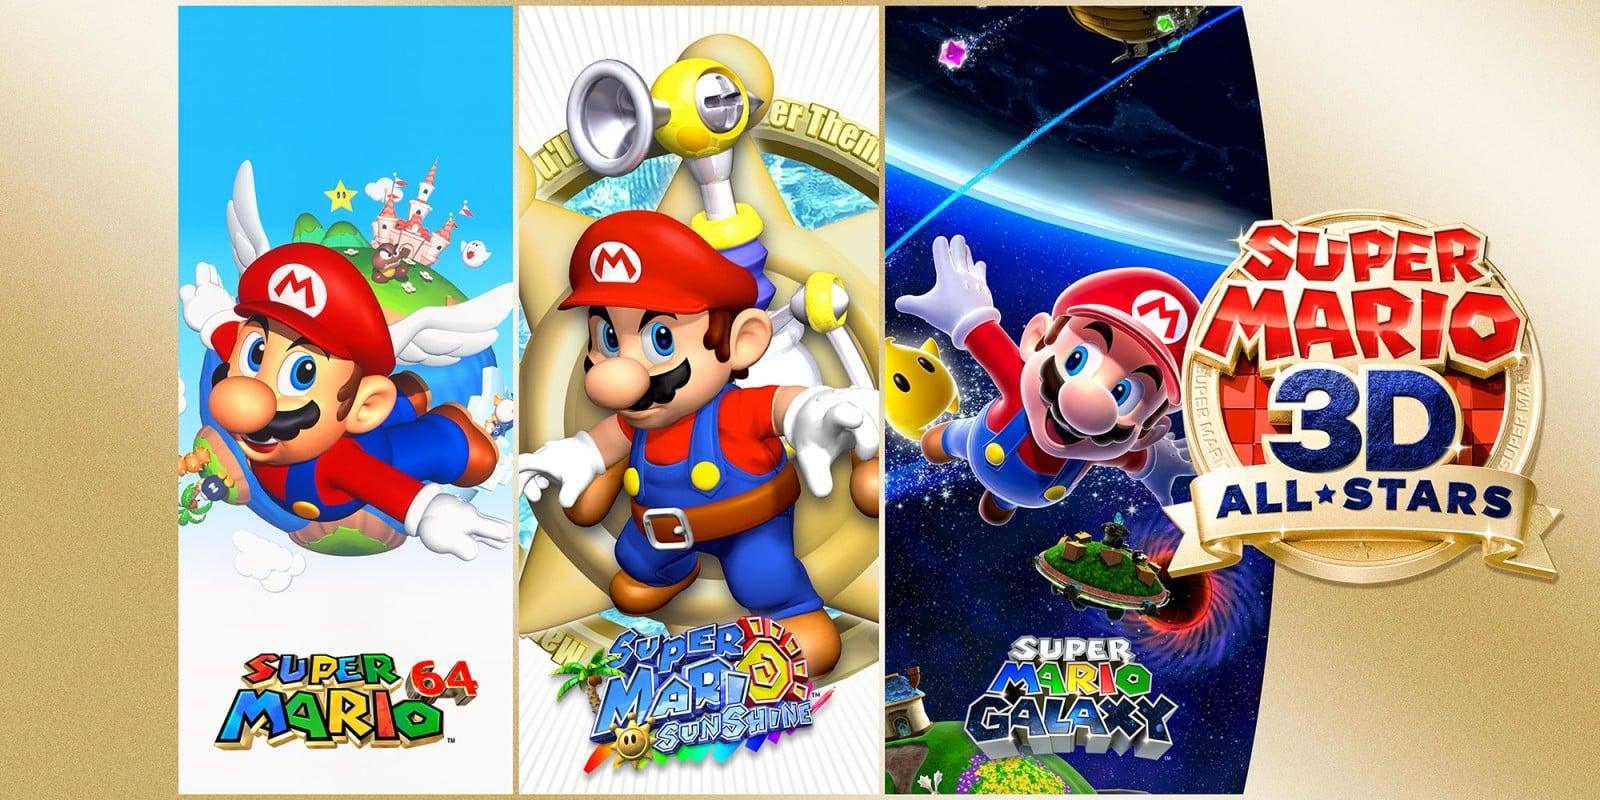 Super Mario 3D All-Stars annoncé, une disponibilité limitée — Nintendo Switch